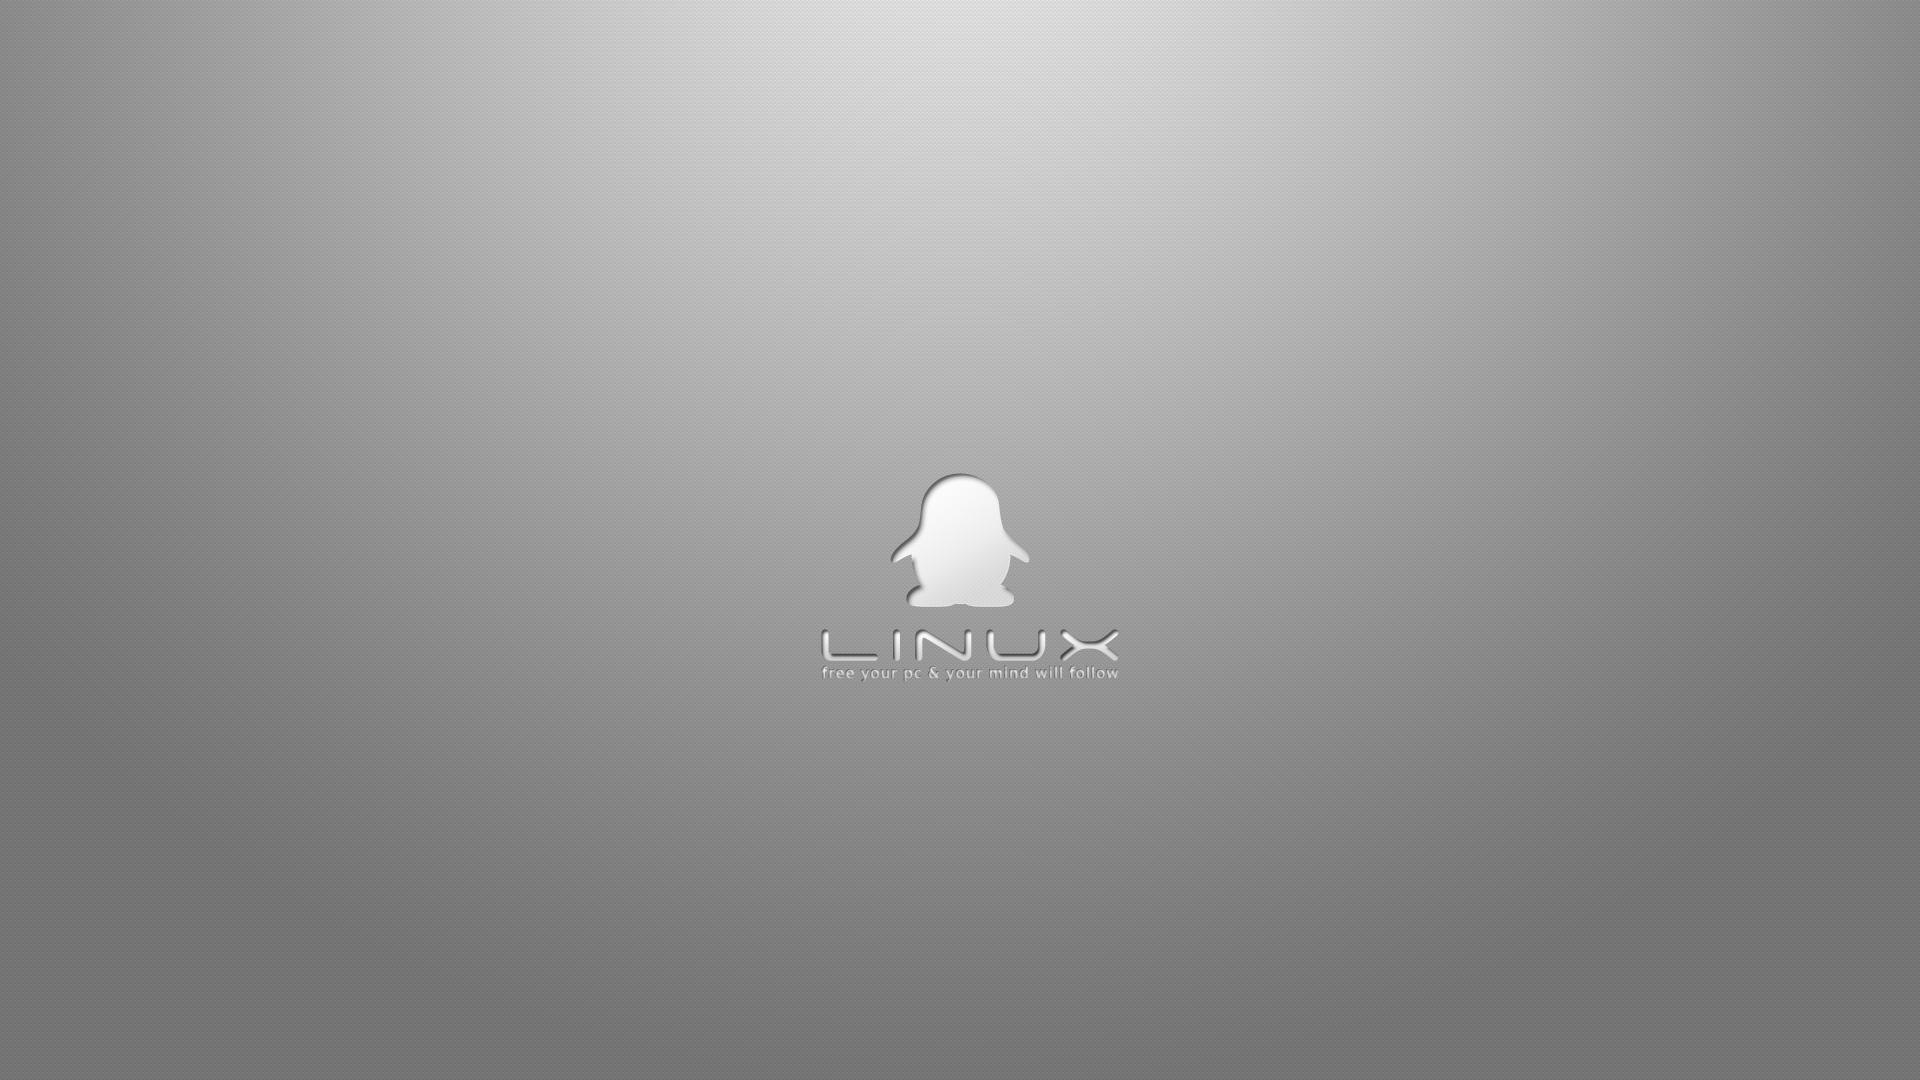 Gnu-Linux : FYPCAYMWF